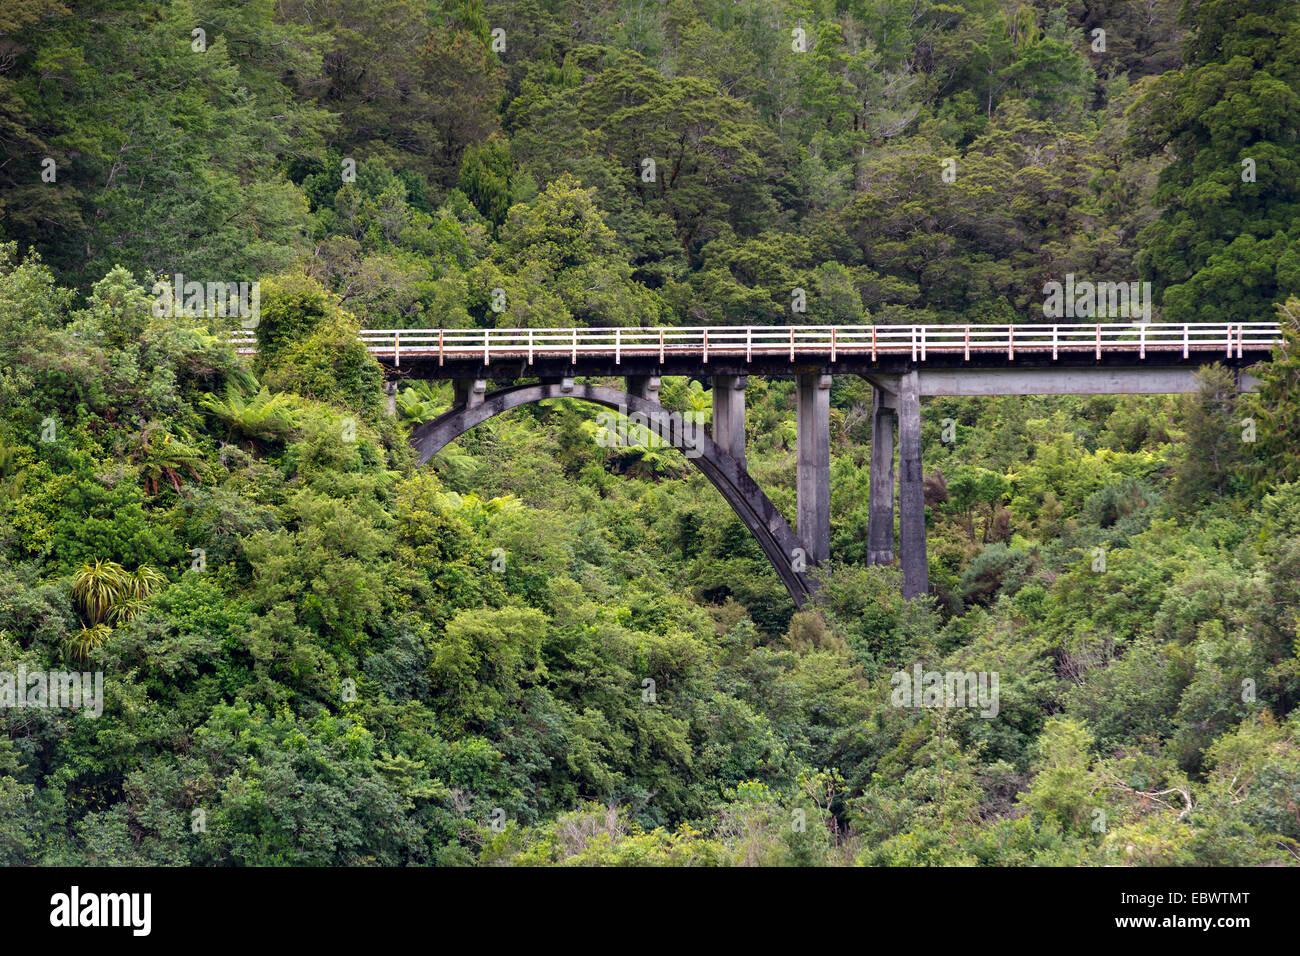 Puente del ferrocarril en la selva, Charleston, región de la Costa Oeste, Nueva Zelanda Foto de stock